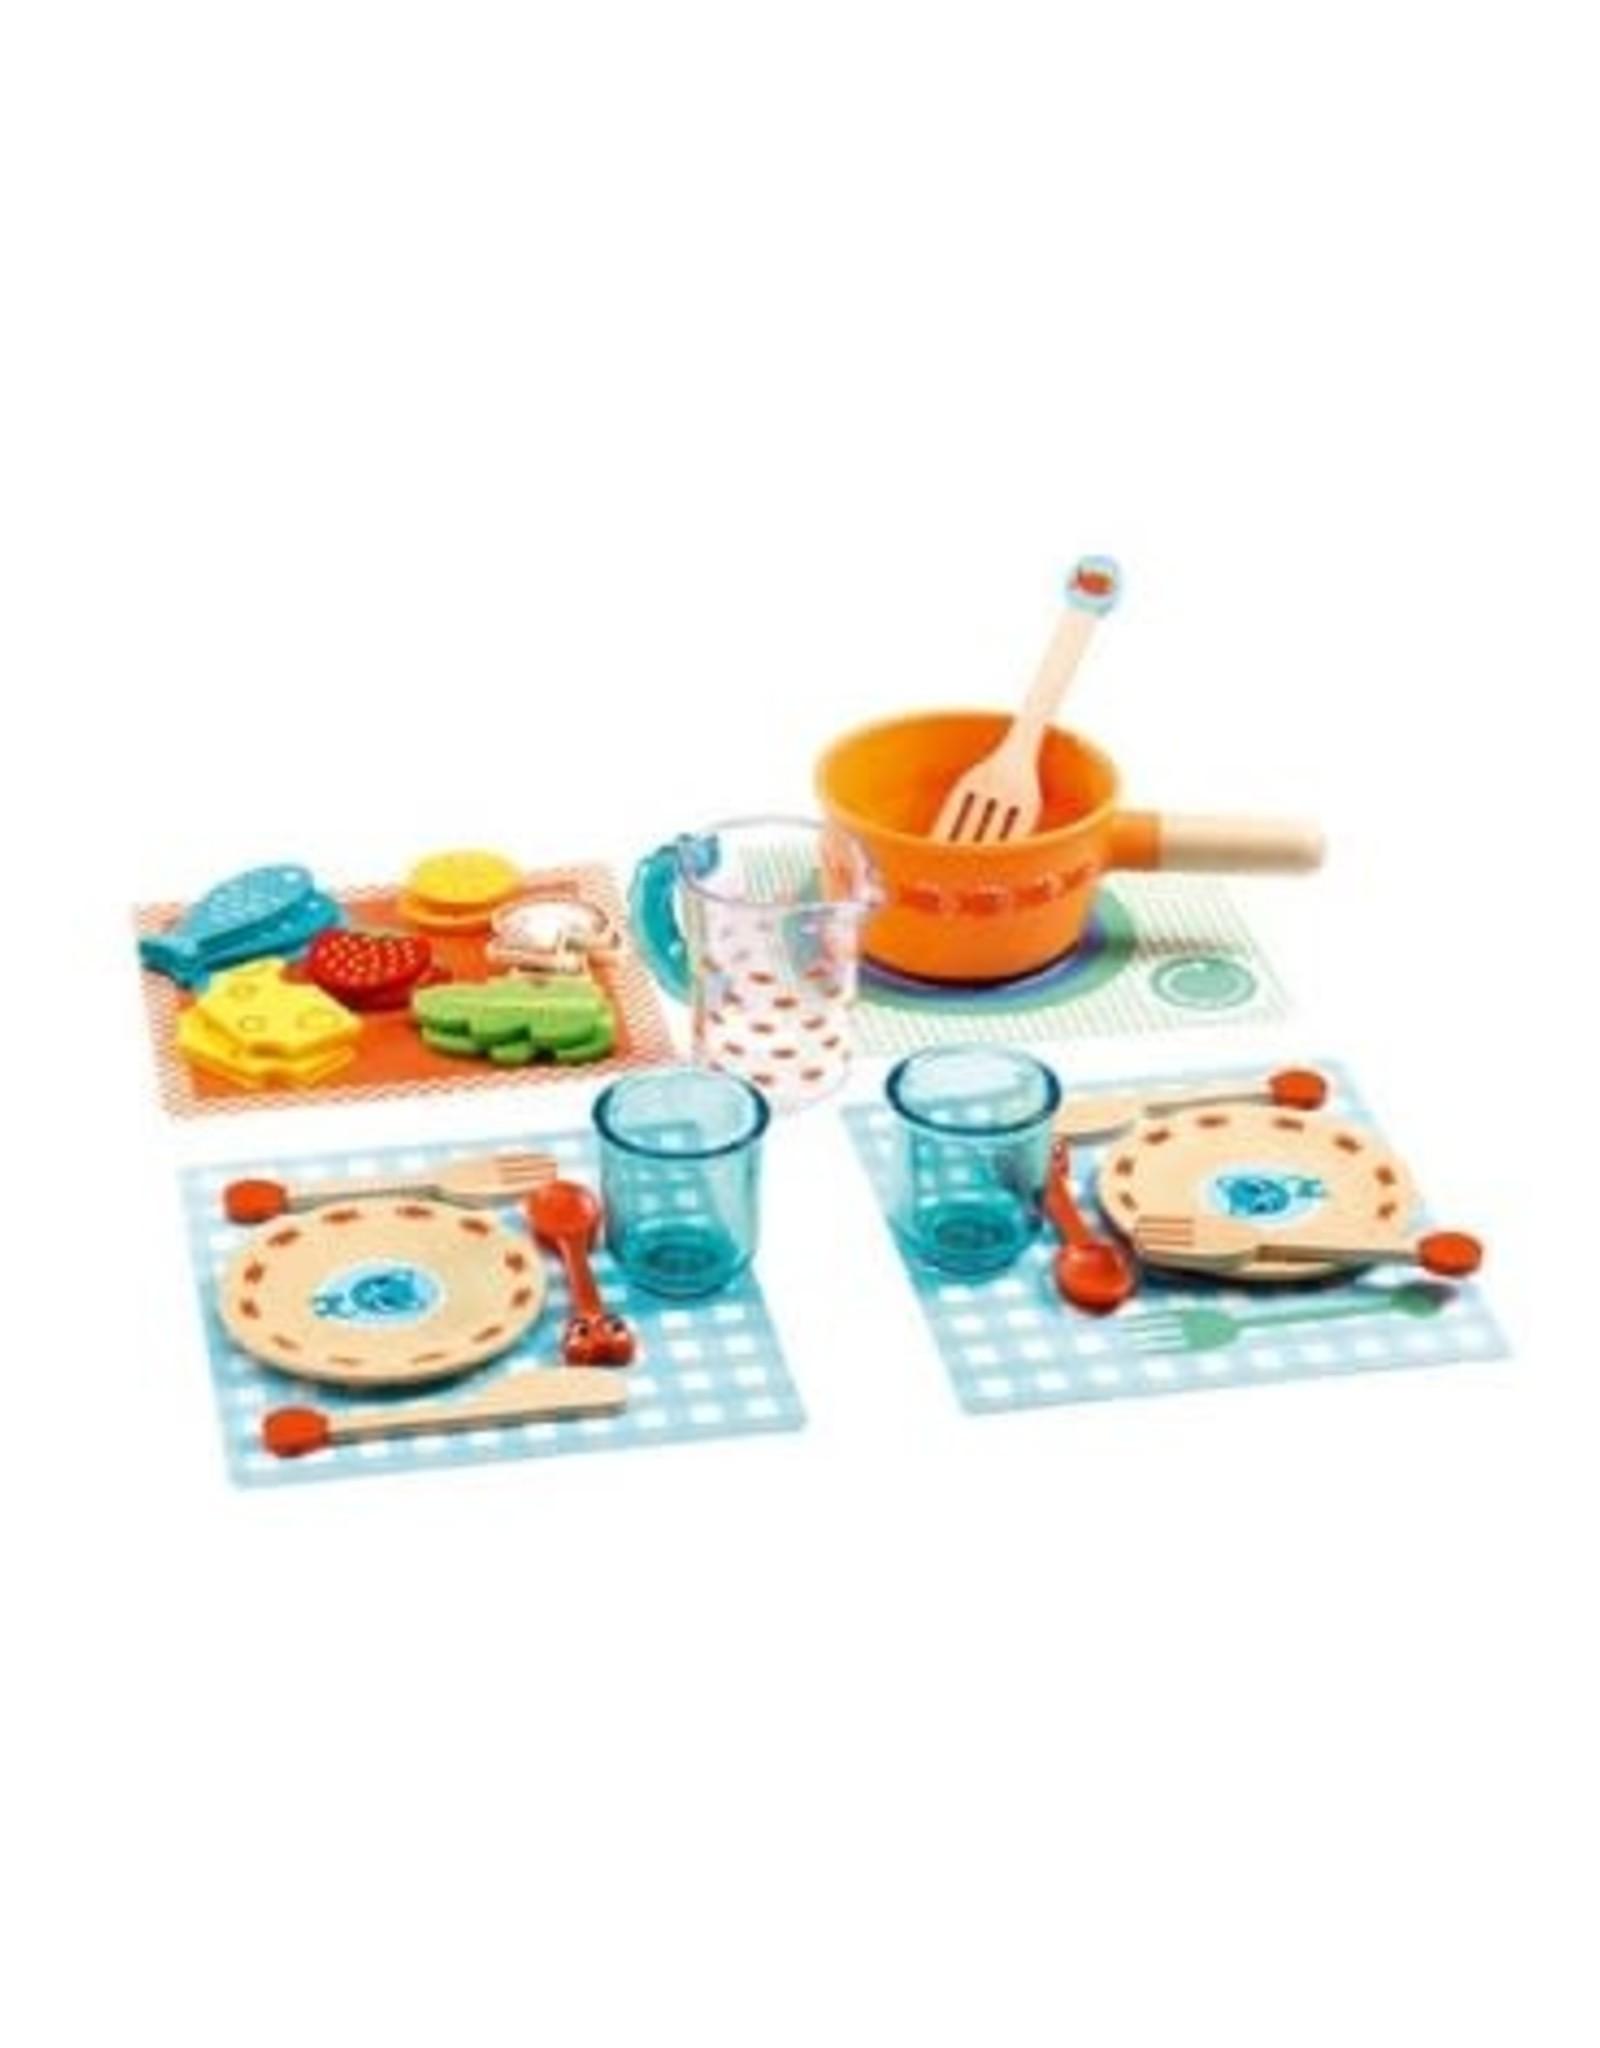 Djeco Djeco Dinnertime serviesje